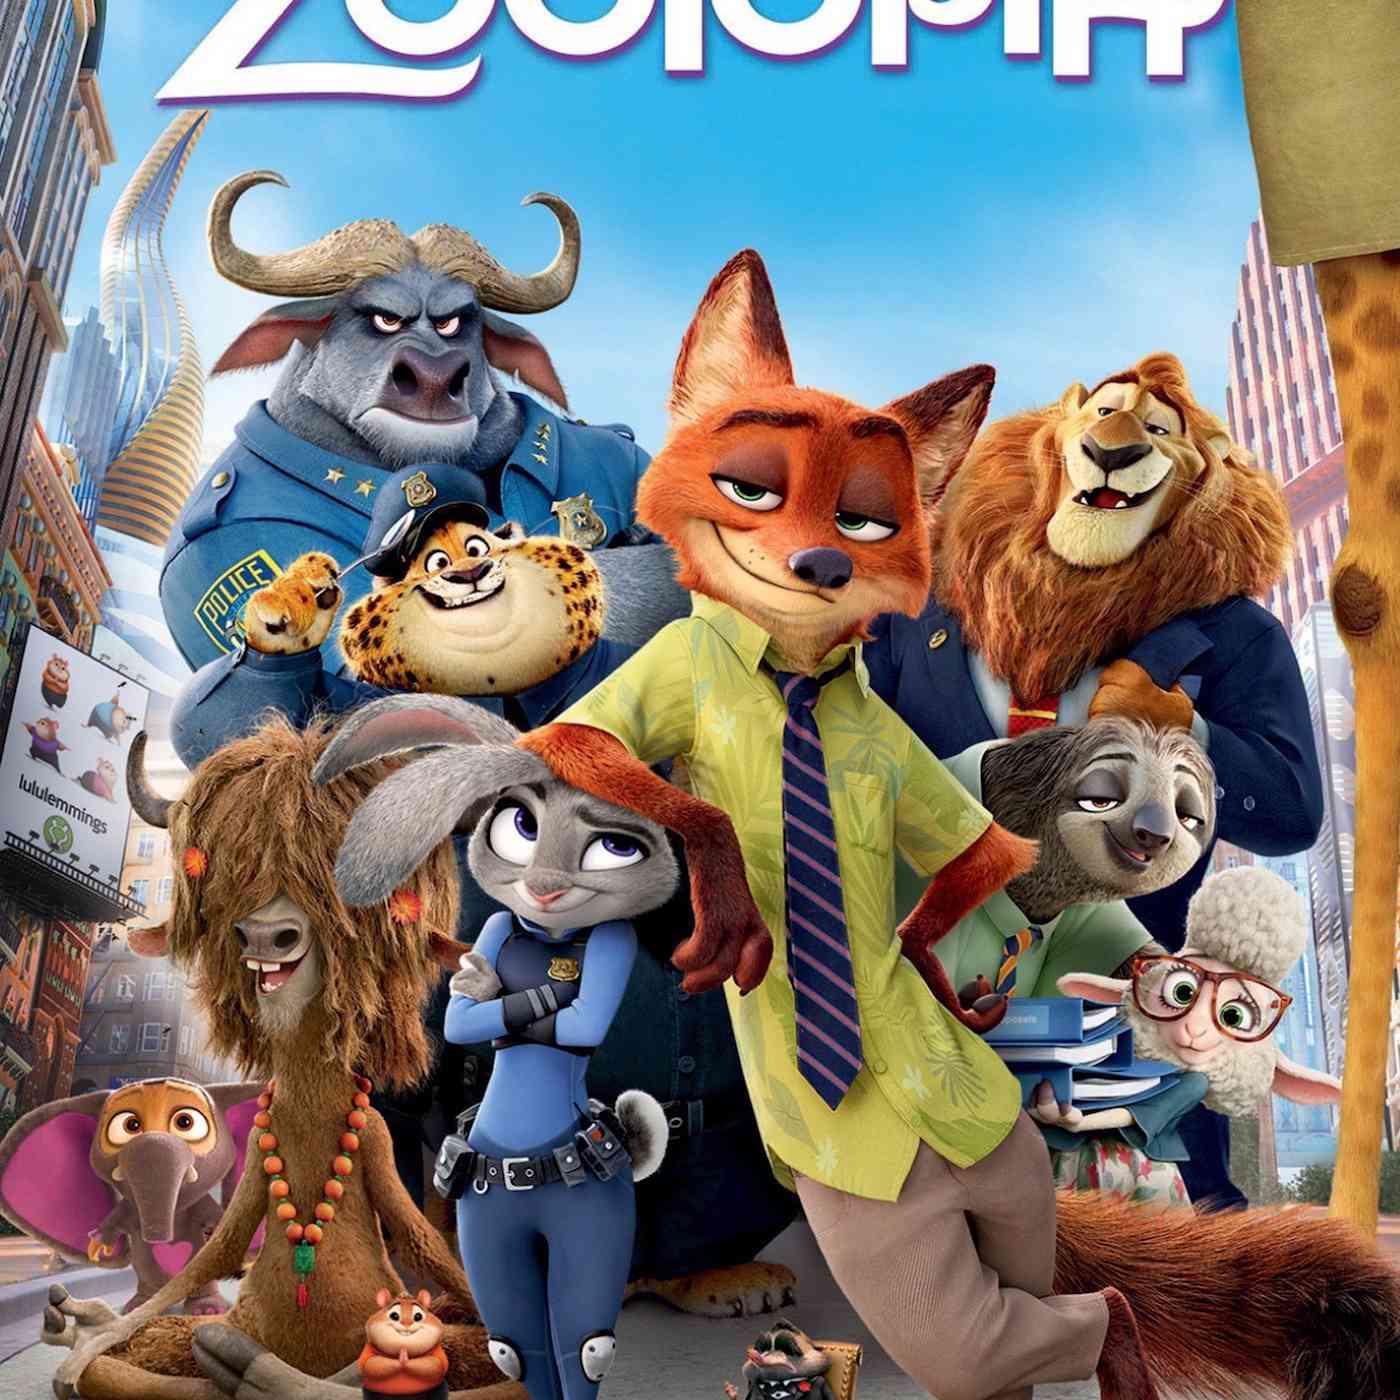 Zootopia poster.